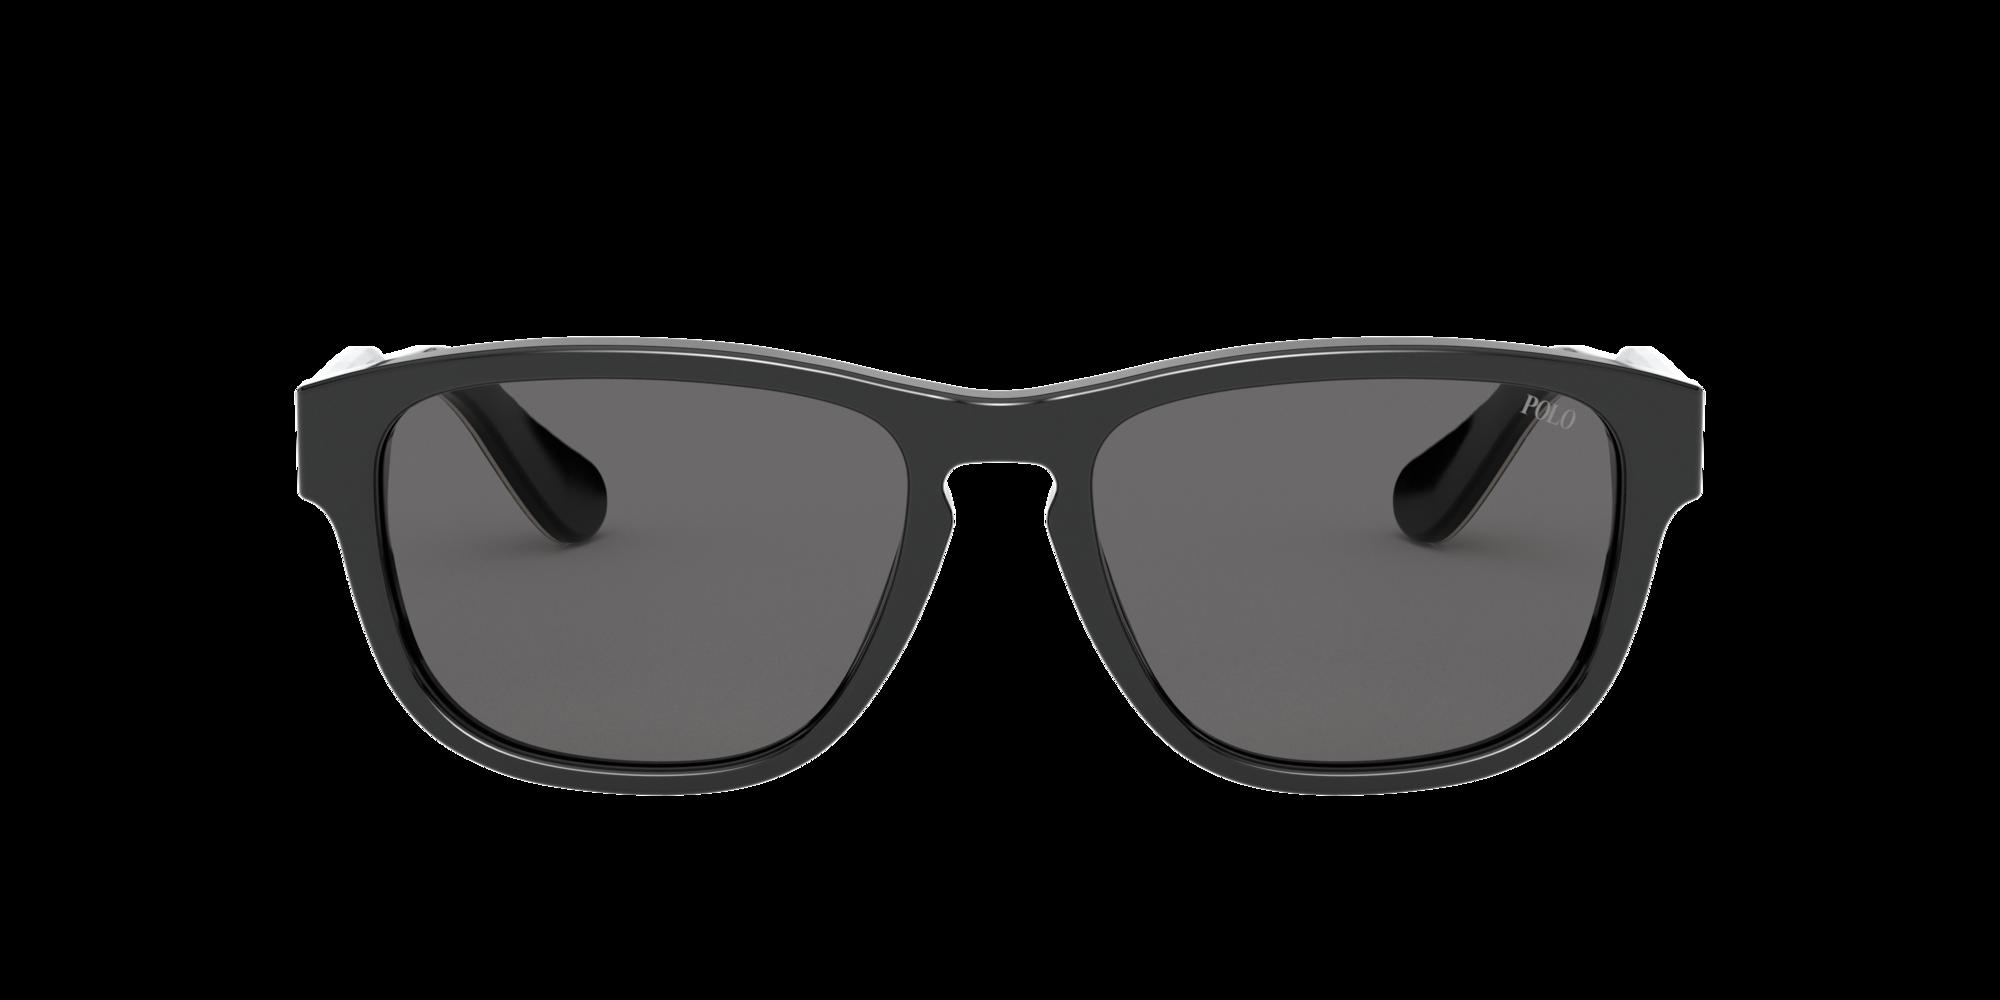 Imagen para PH4158 55 de LensCrafters |  Espejuelos, espejuelos graduados en línea, gafas